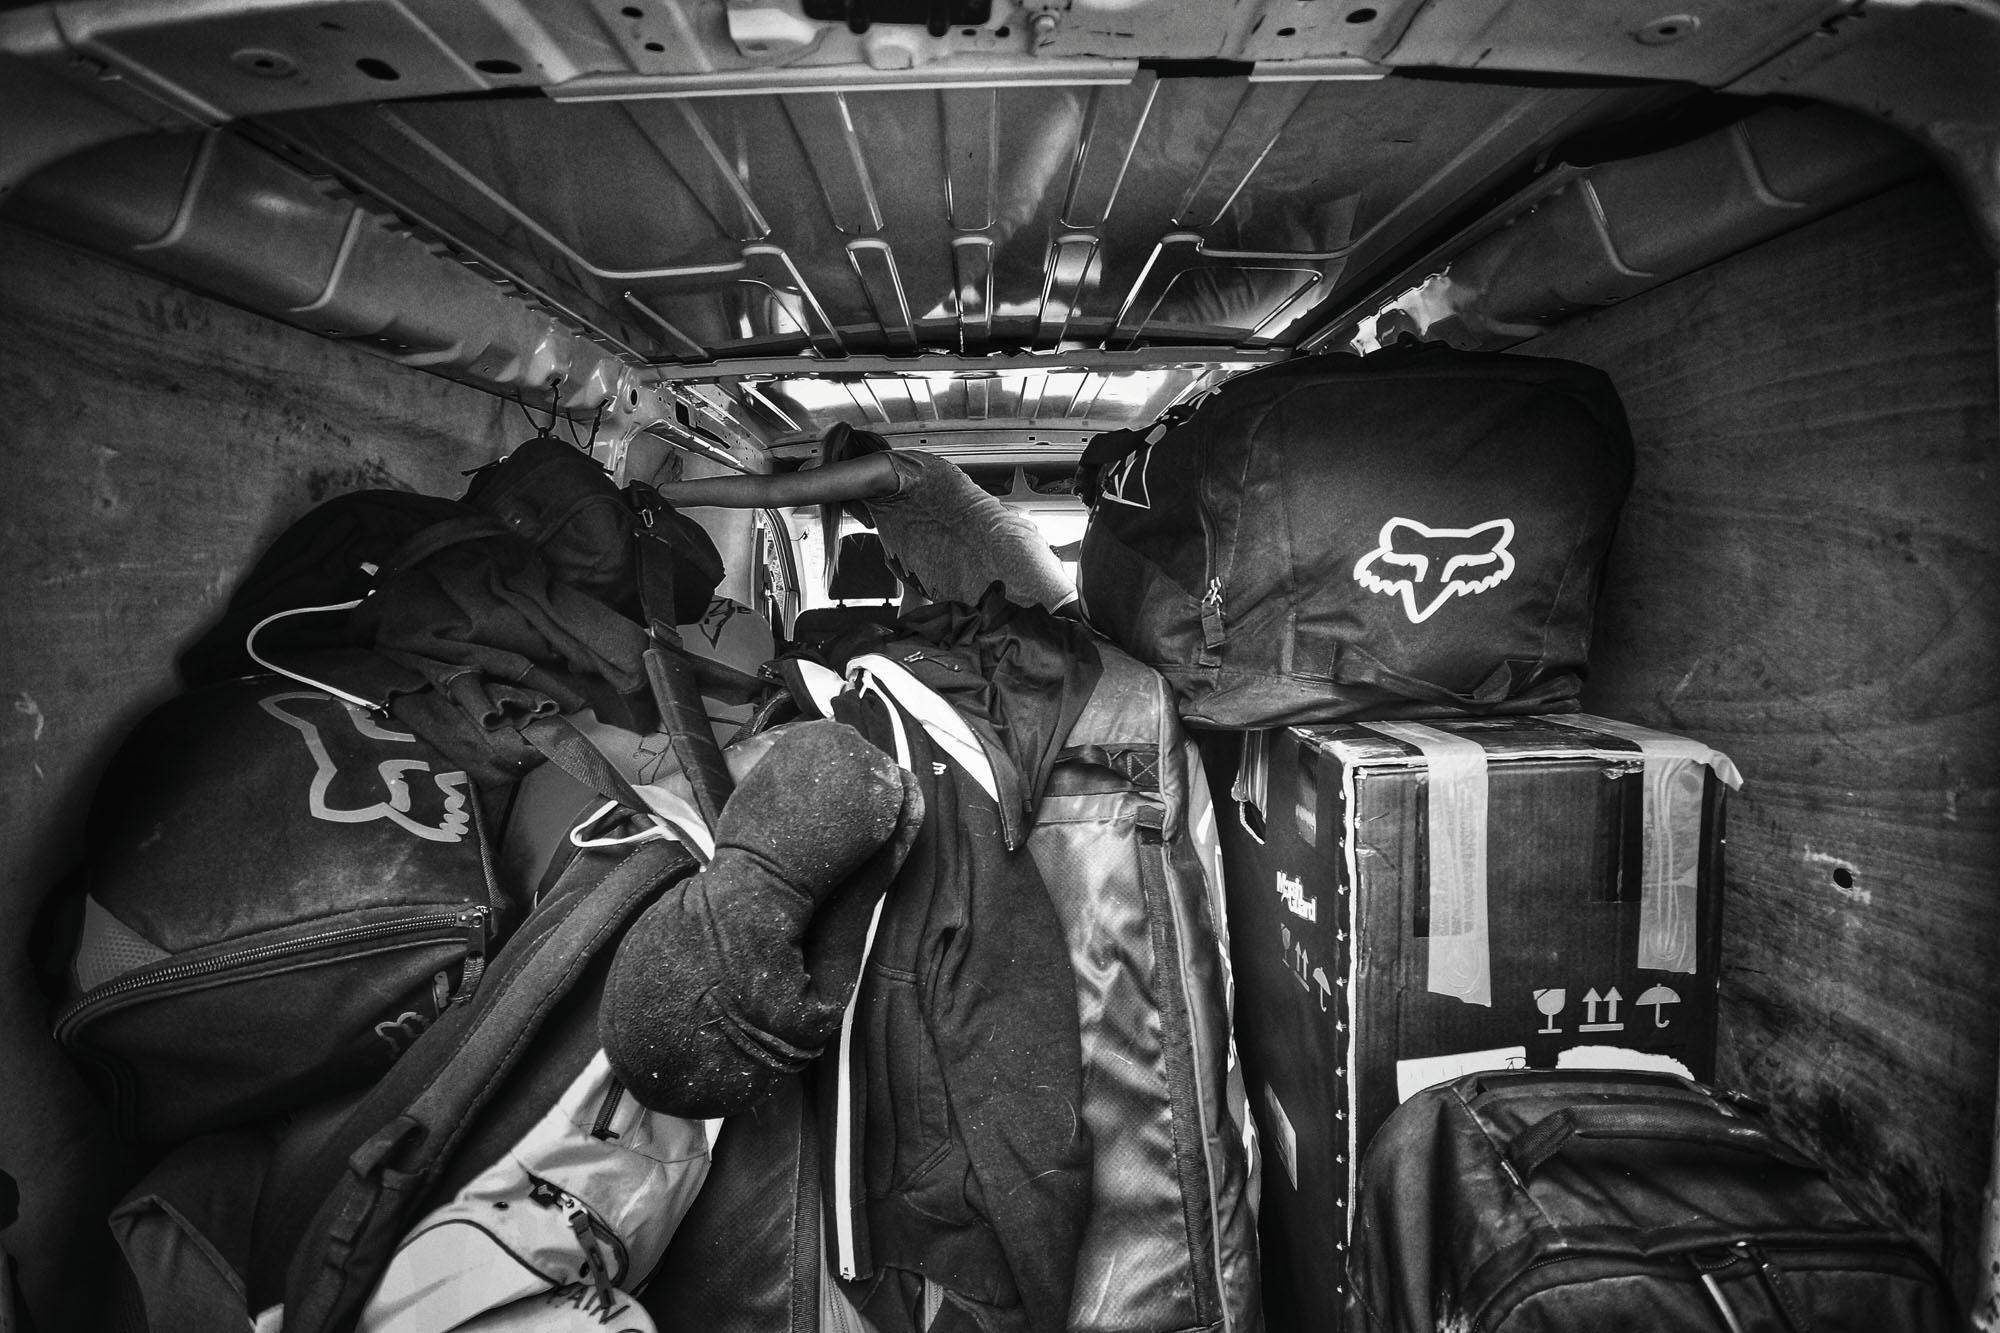 Der FMD Van vollgepackt bis oben hin.